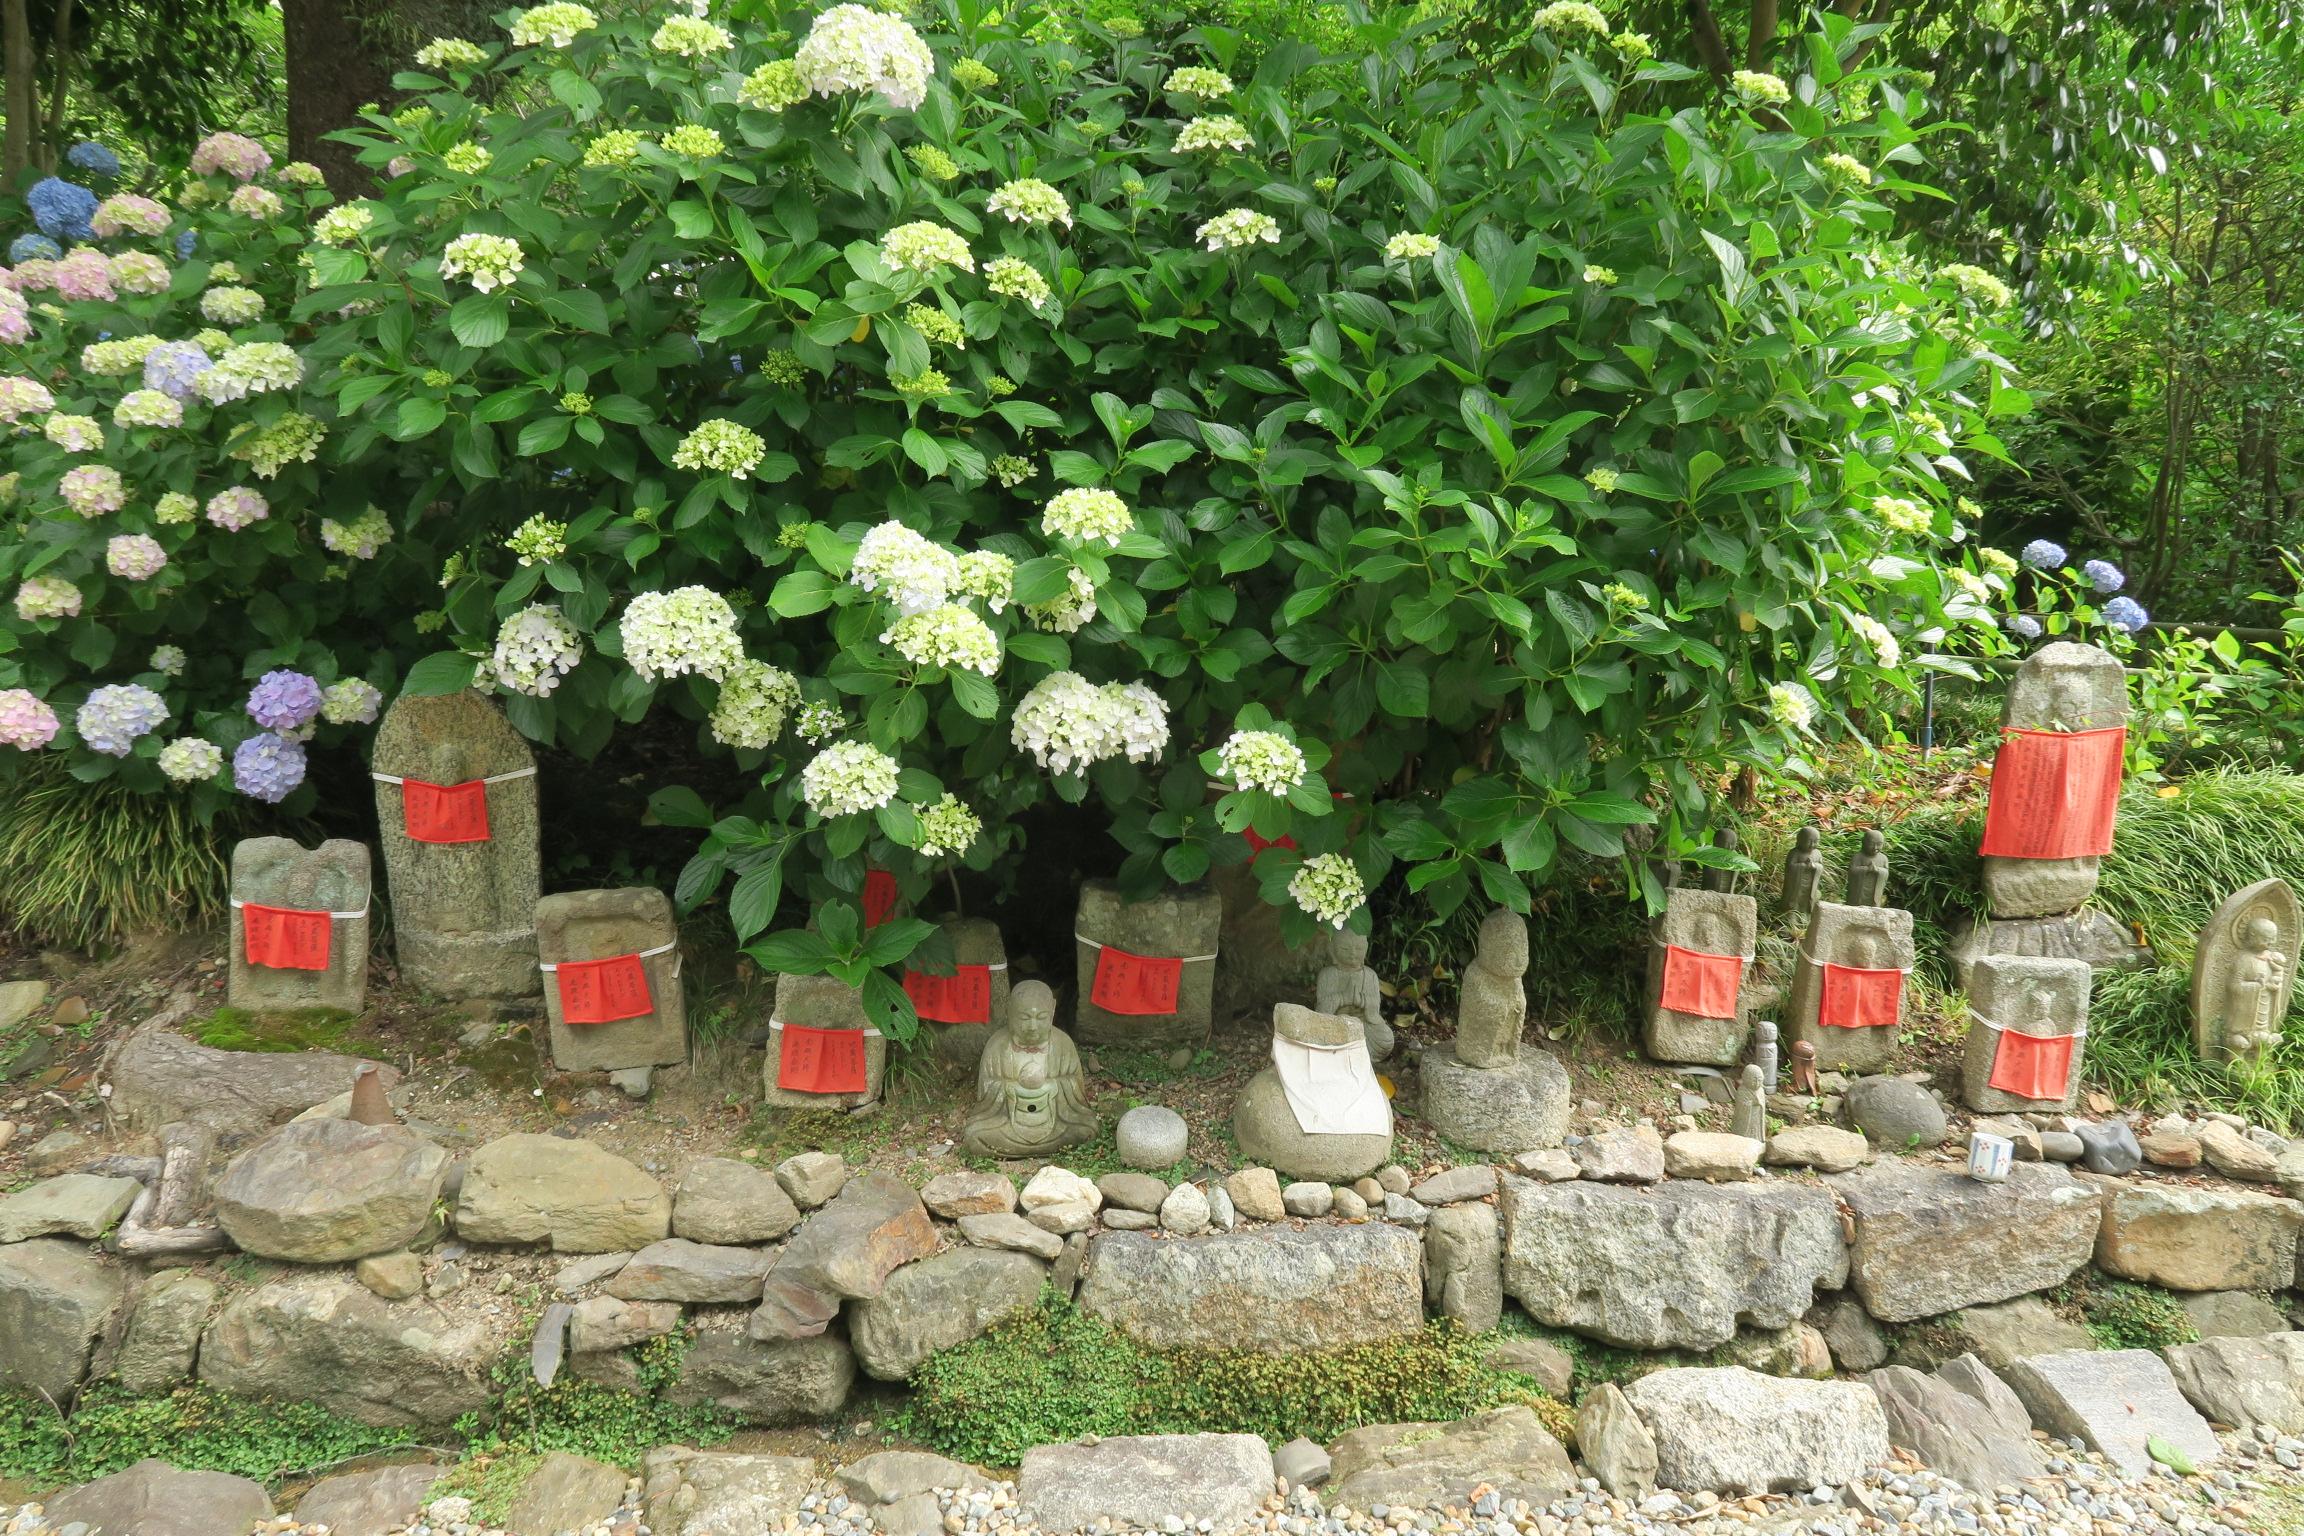 お地蔵さんのお寺としても知られているだけあって、境内のあちこちにお地蔵さんが。